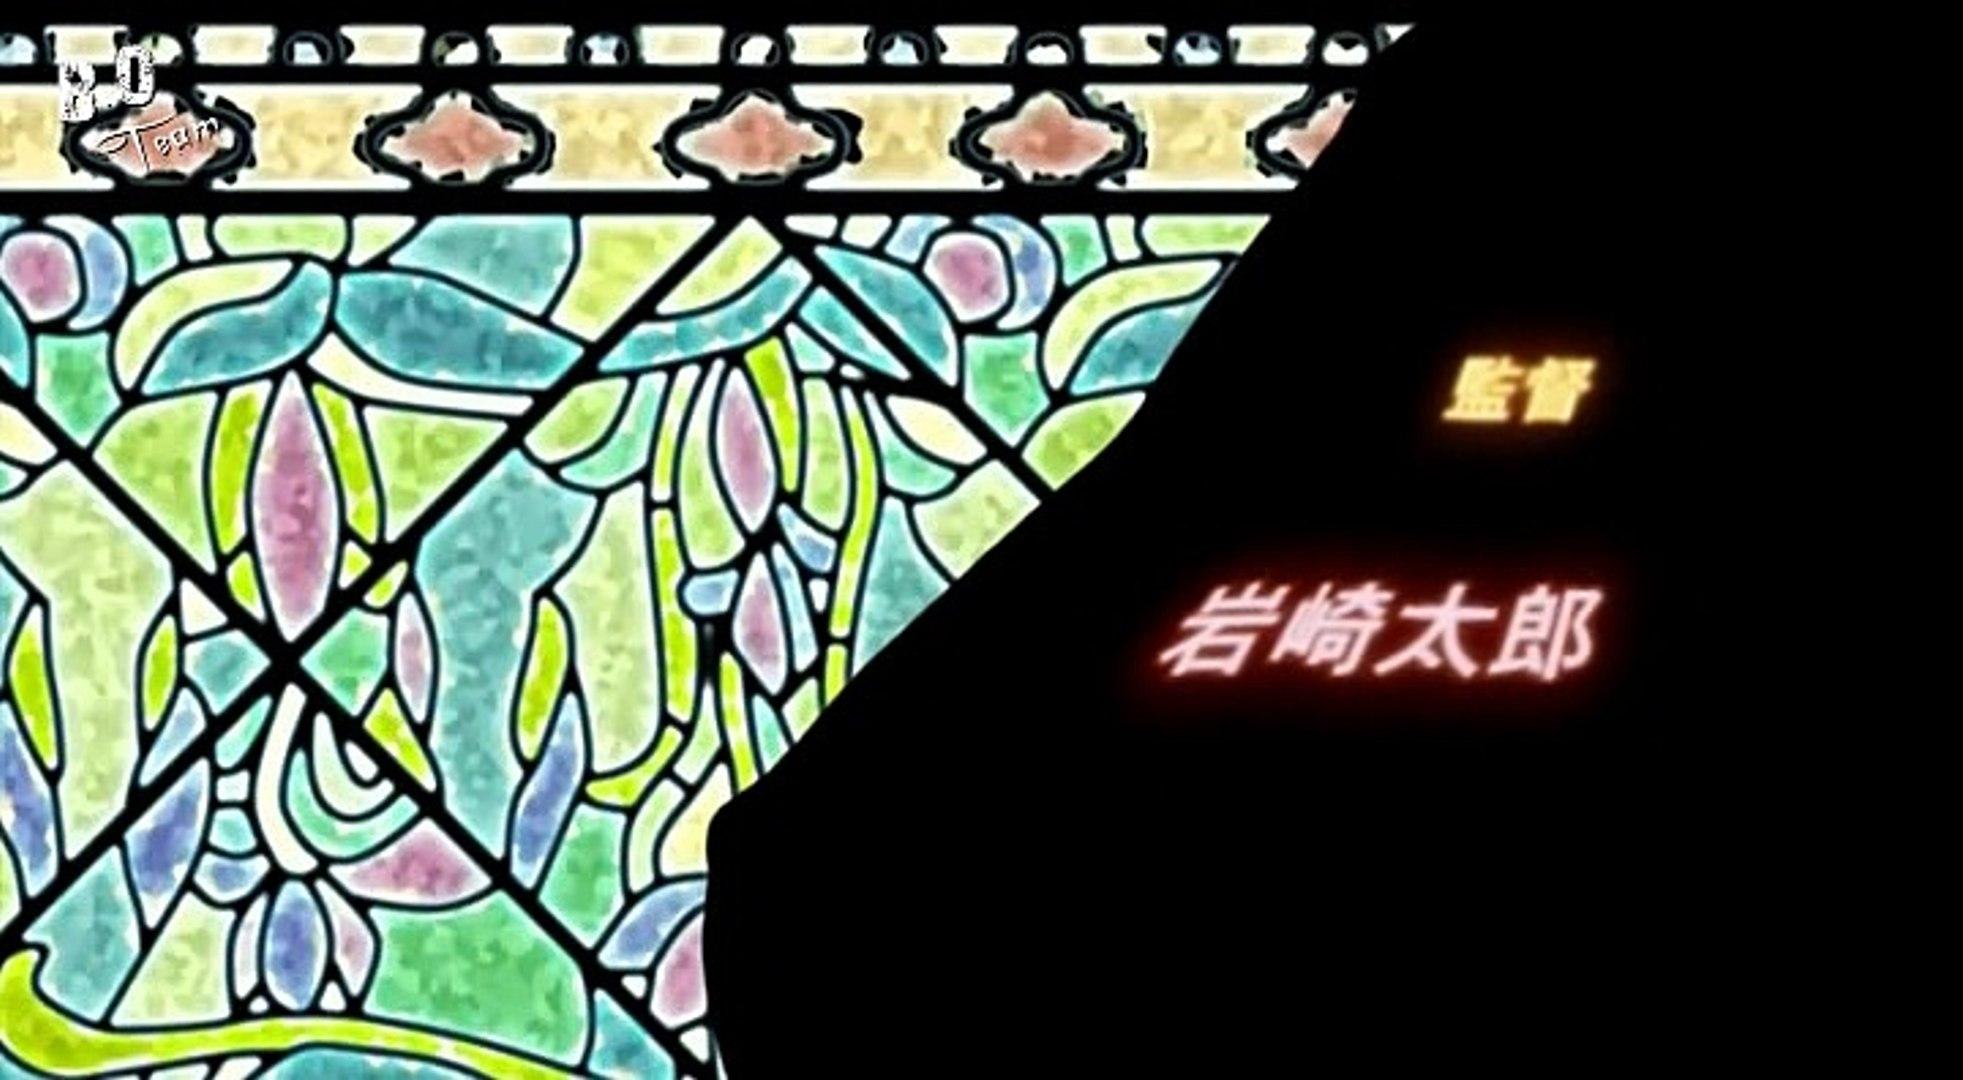 الحلقة 5 مترجم عربيYakushiji Ryouko انمي التحقيق المثير و الأكثر من رائع